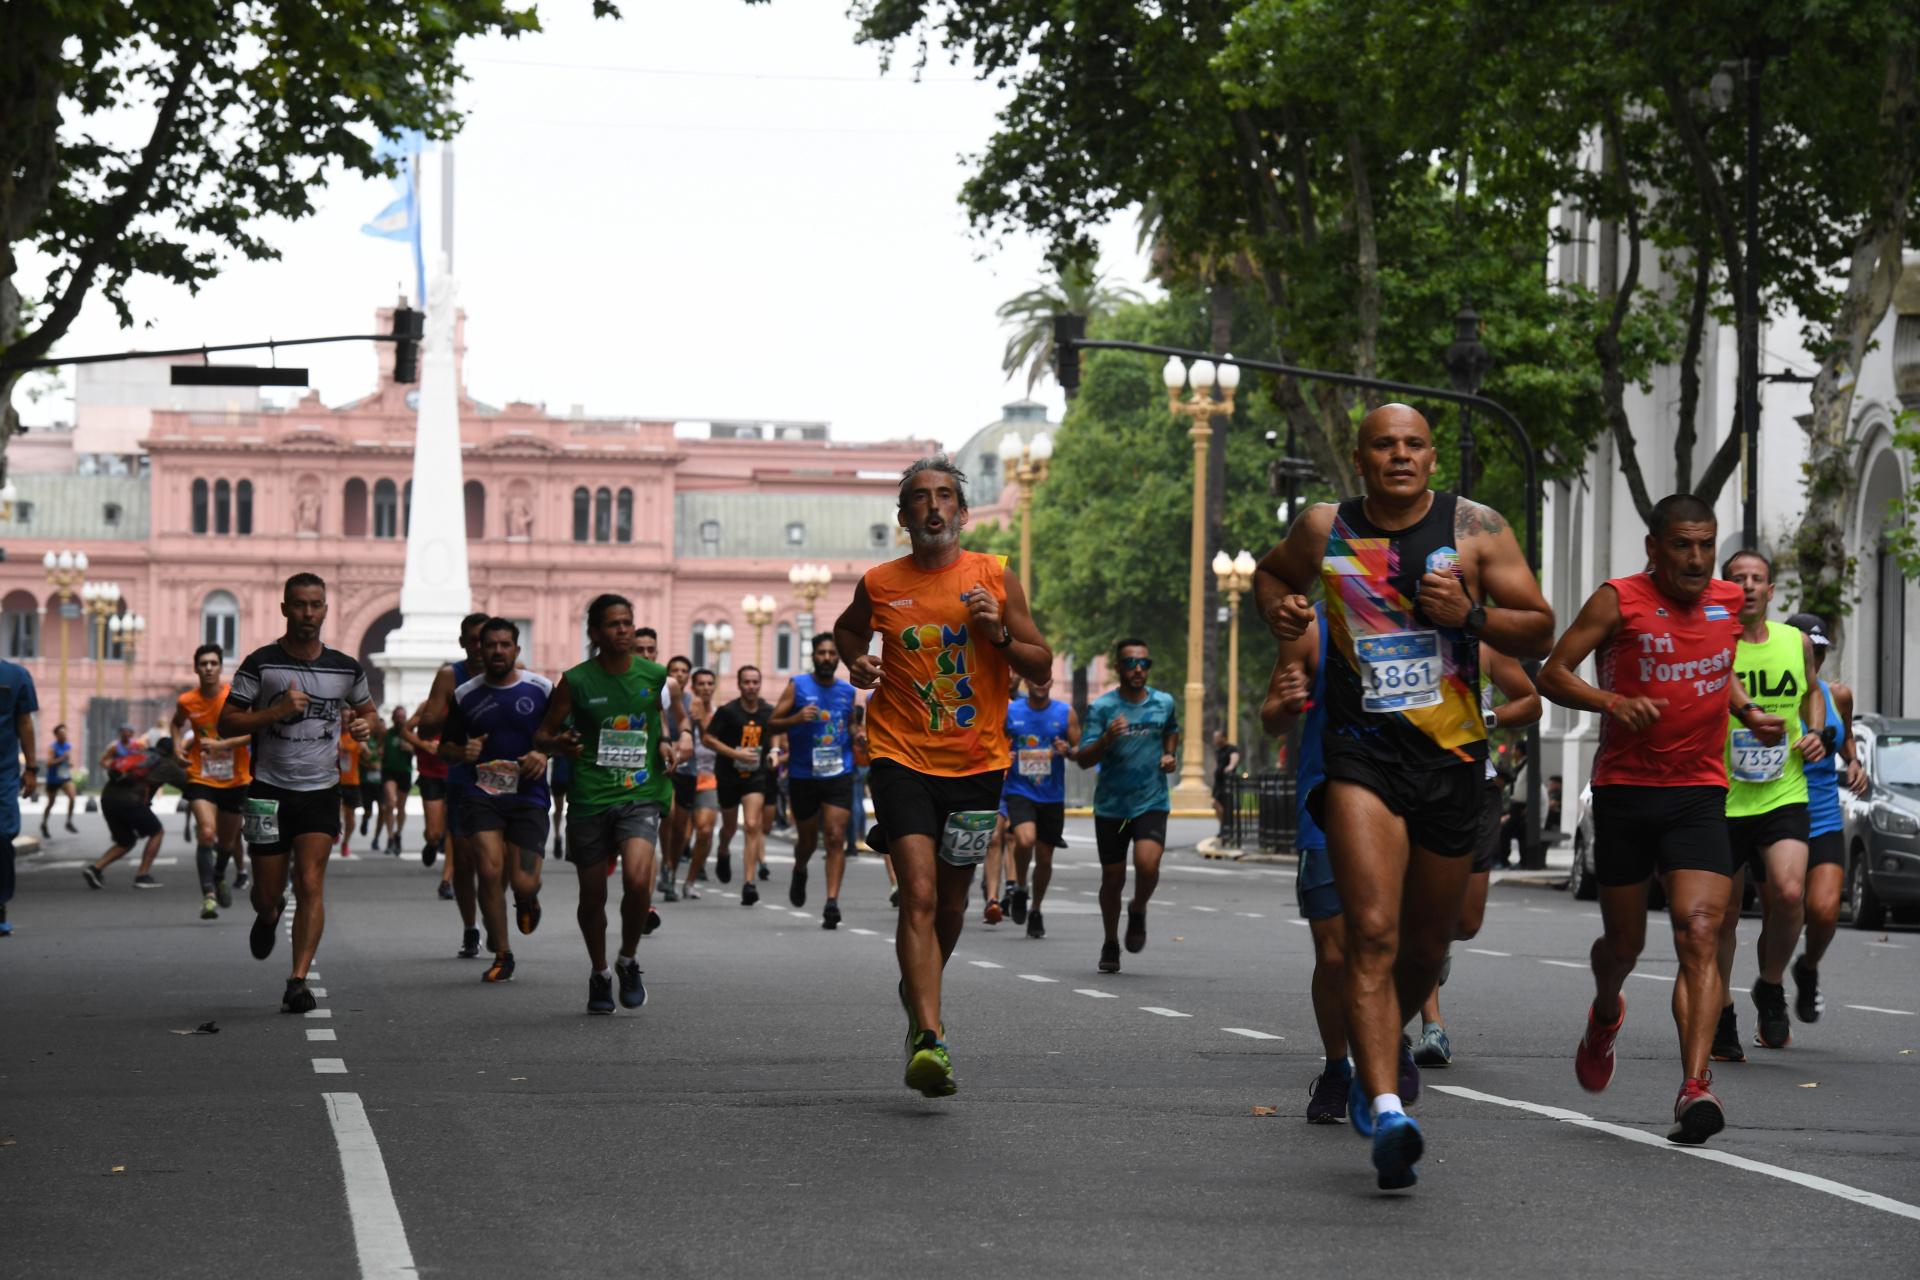 Todo el color de los corredores en la mañana gris de Buenos Aires (Maximiliano Luna)